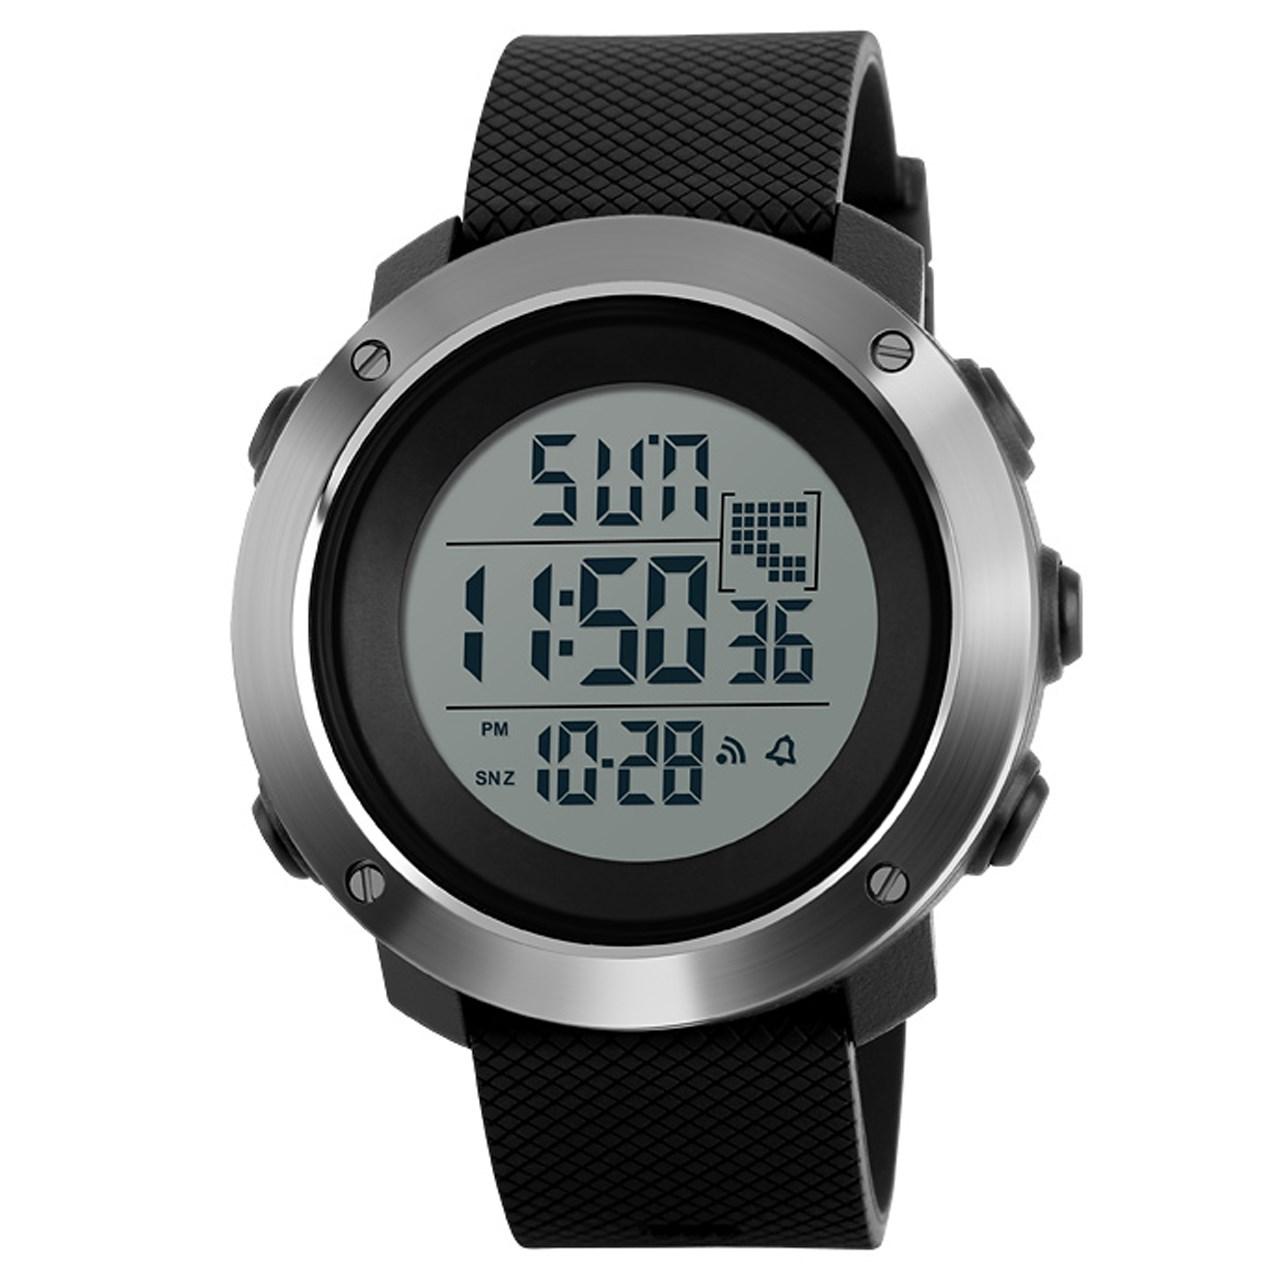 ساعت مچی دیجیتال مردانه اسکمی مدل 1267 کد 01 45